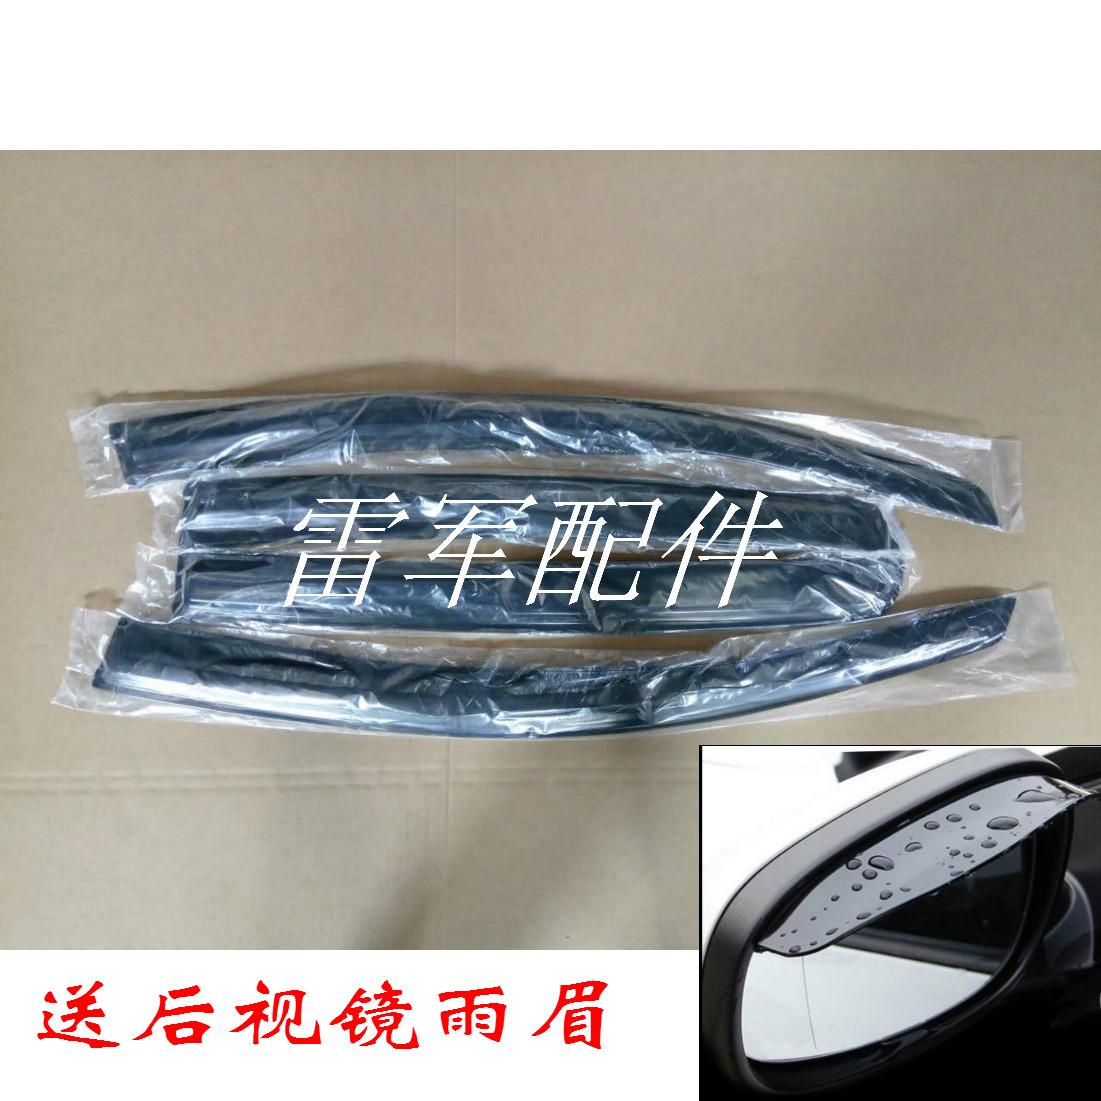 Lei Jun L3V8 xe điện bốn bánh mưa cửa sổ lông mày mưa visor window mưa bìa để gửi gương chiếu hậu mưa lông mày